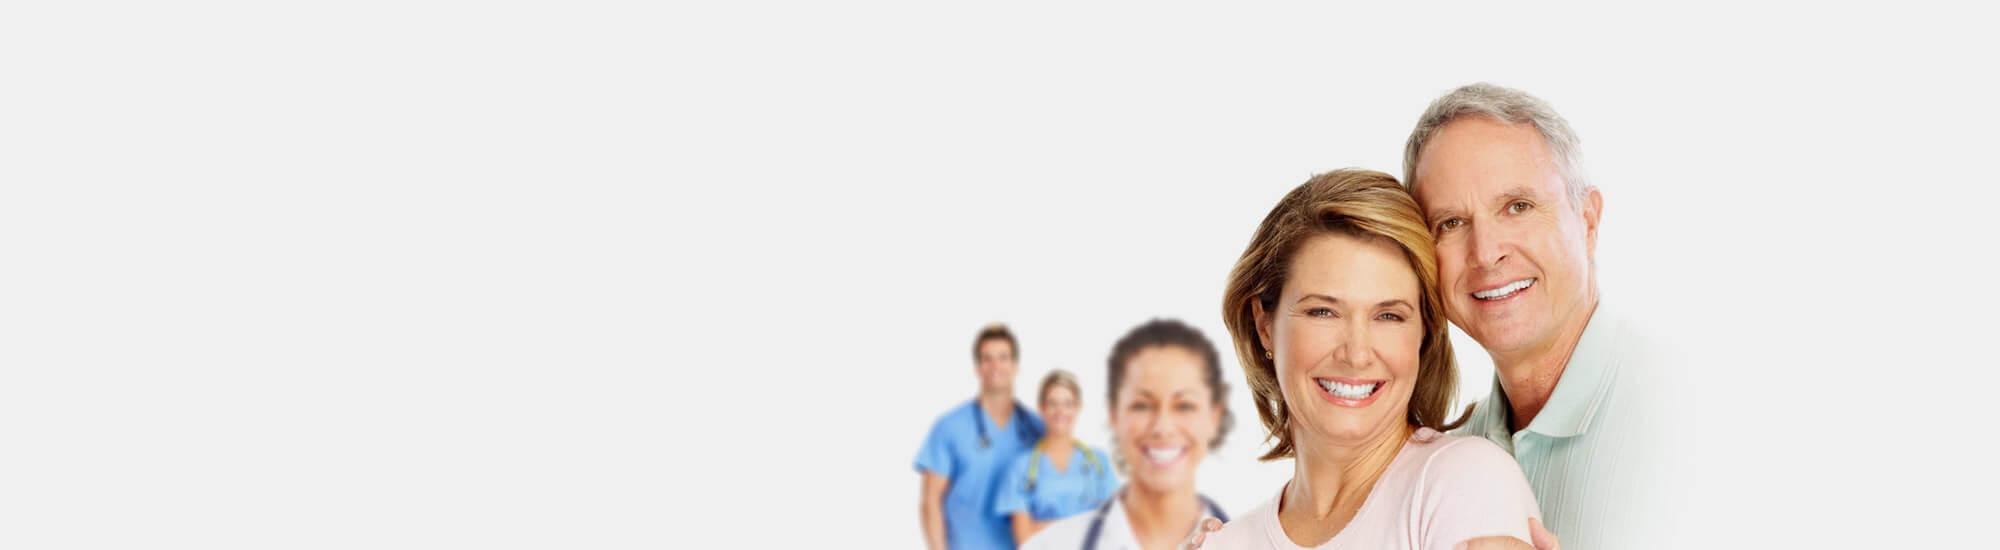 Zapewniając odmładzanie i rewitalizację od wewnątrz, dzięki wsparciu dietetyków i lekarzy pozwala istotnie poprawić jakość życia. Nowoczesne zabiegi medycyny estetycznej zapewniają perfekcyjny wygląd i samopoczucie.